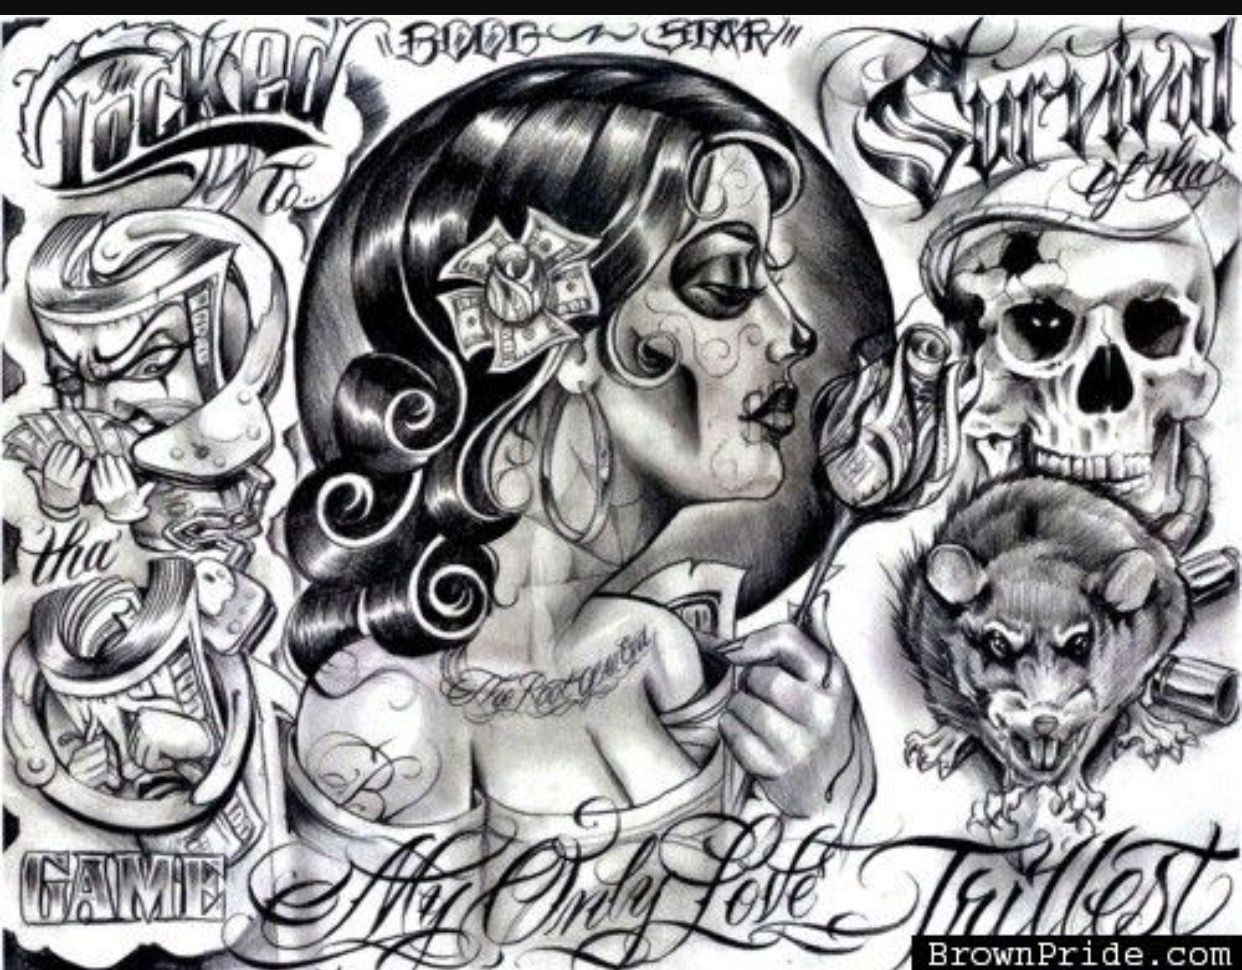 Pin By Og Cin On Og Chicano Art Chicano Tattoos Prison Art